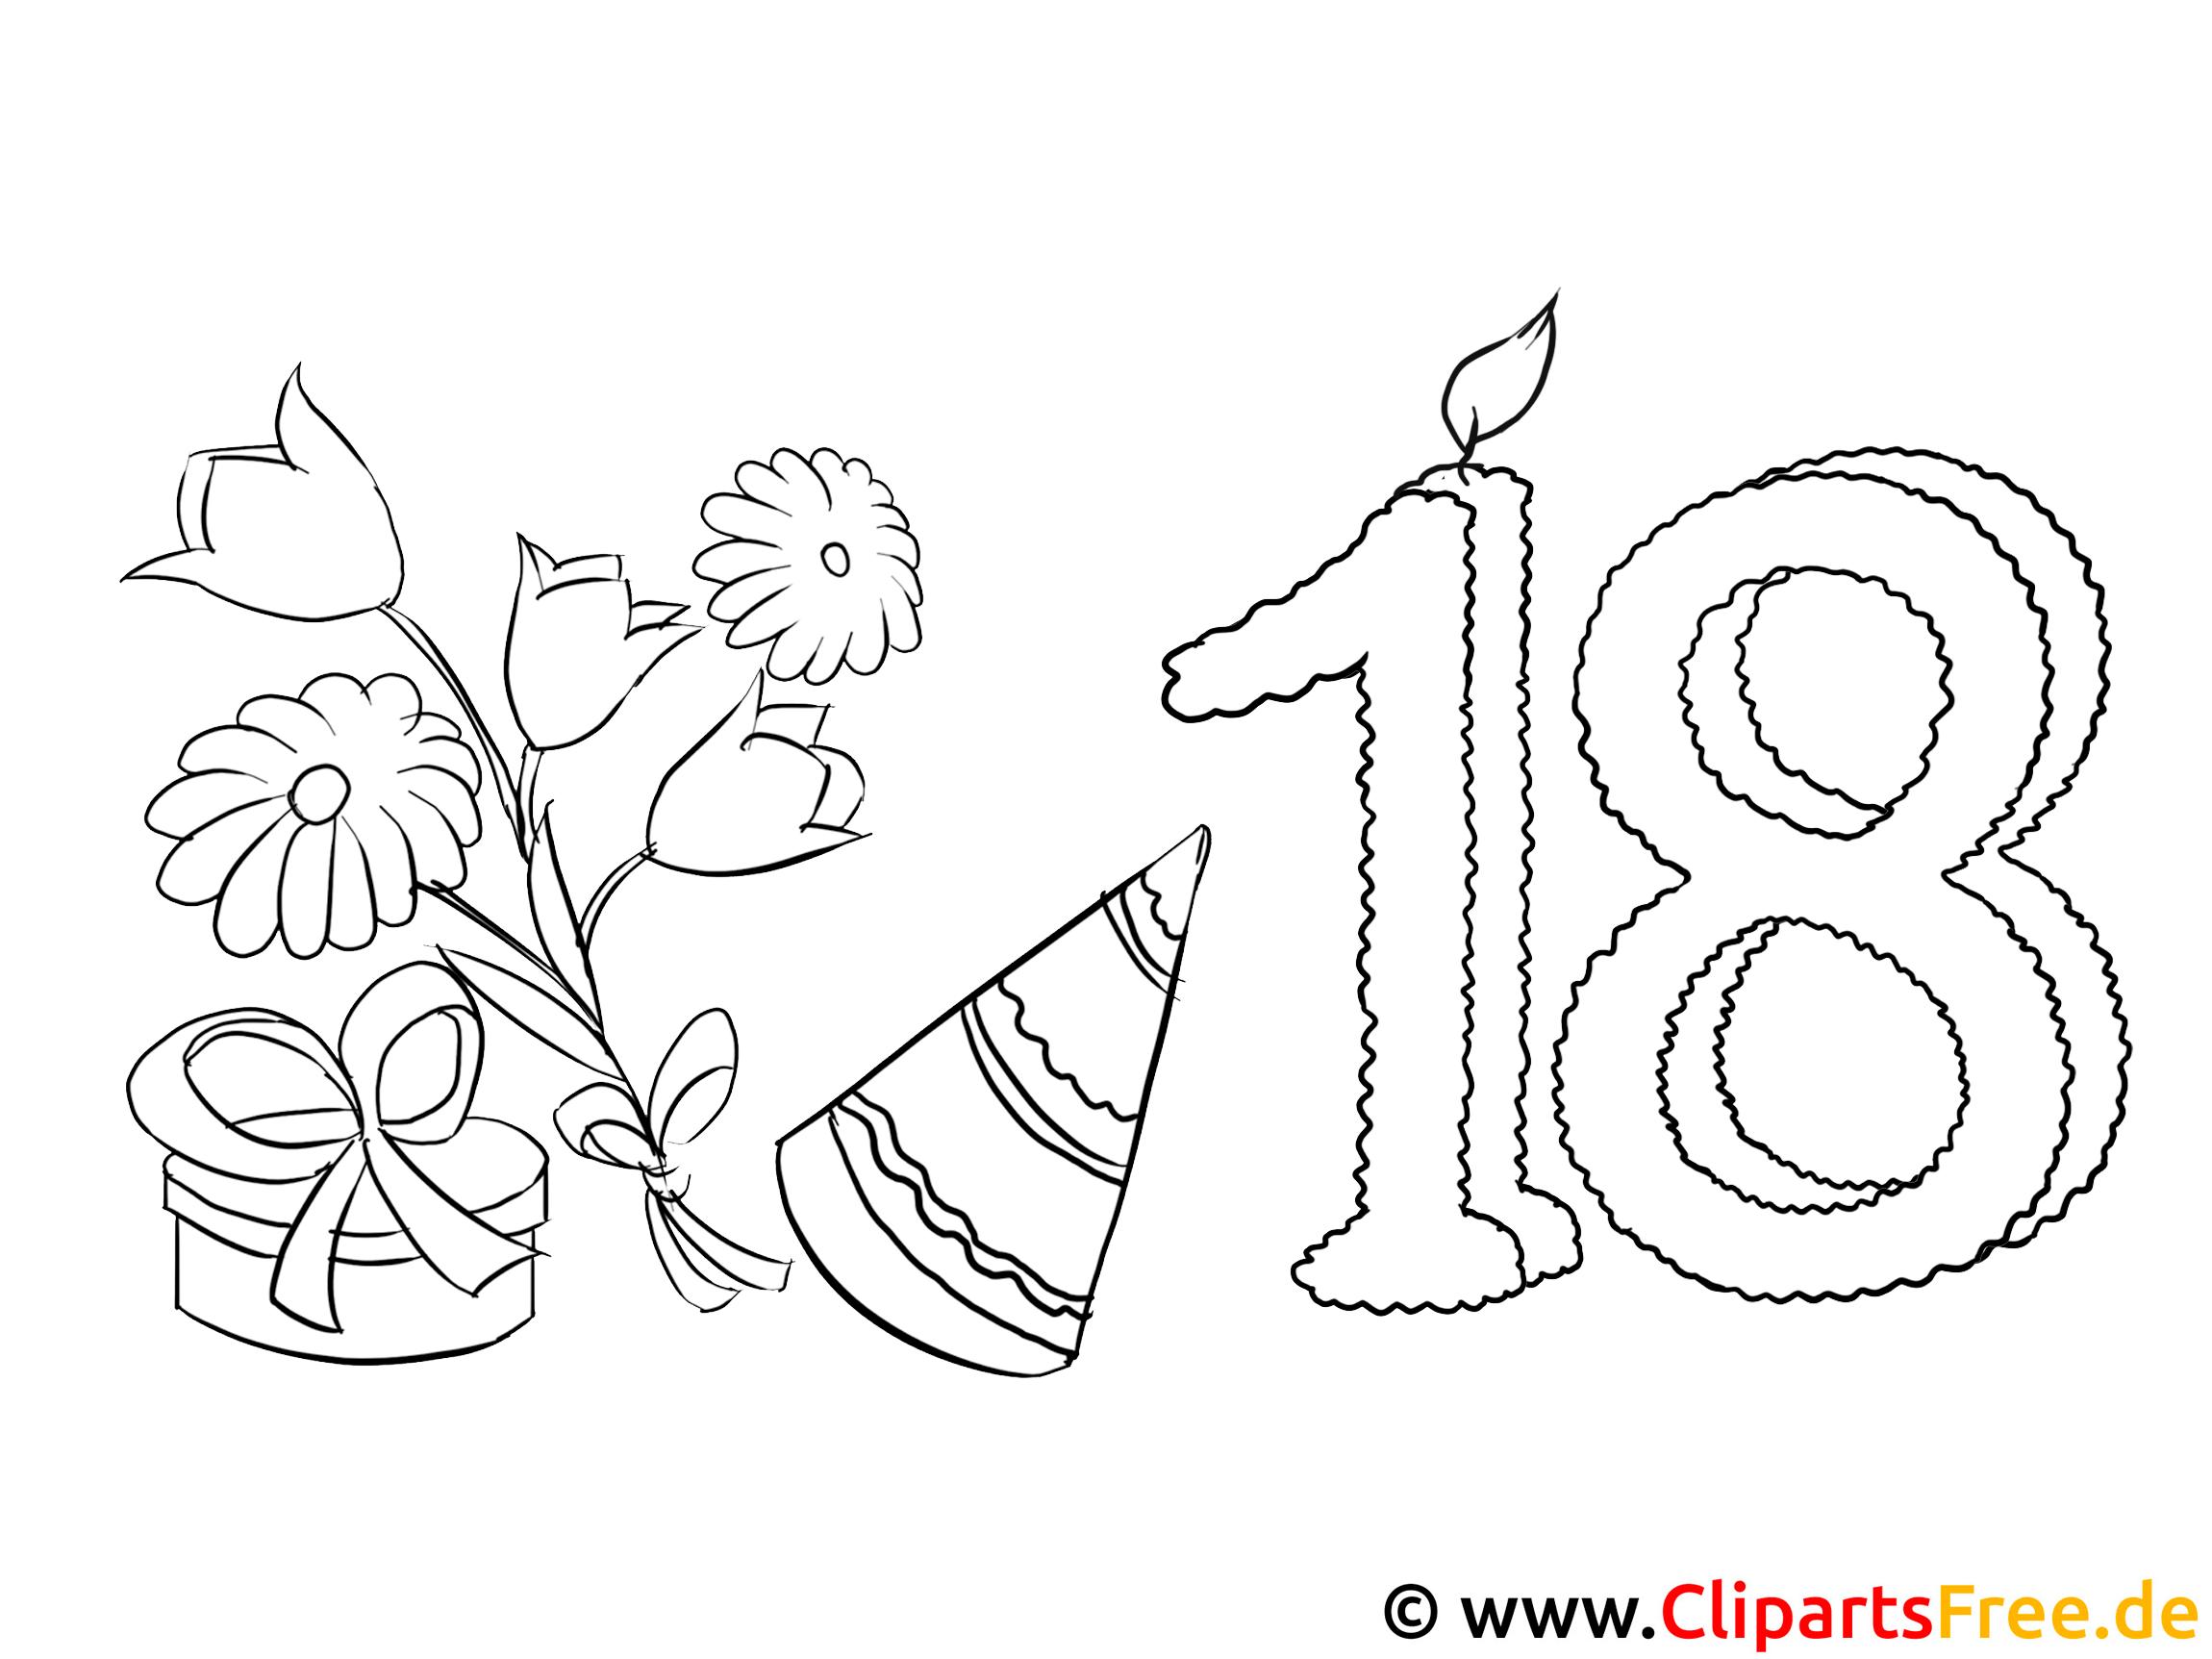 Einladung 18 Geburtstag Malvorlage Kostenlos